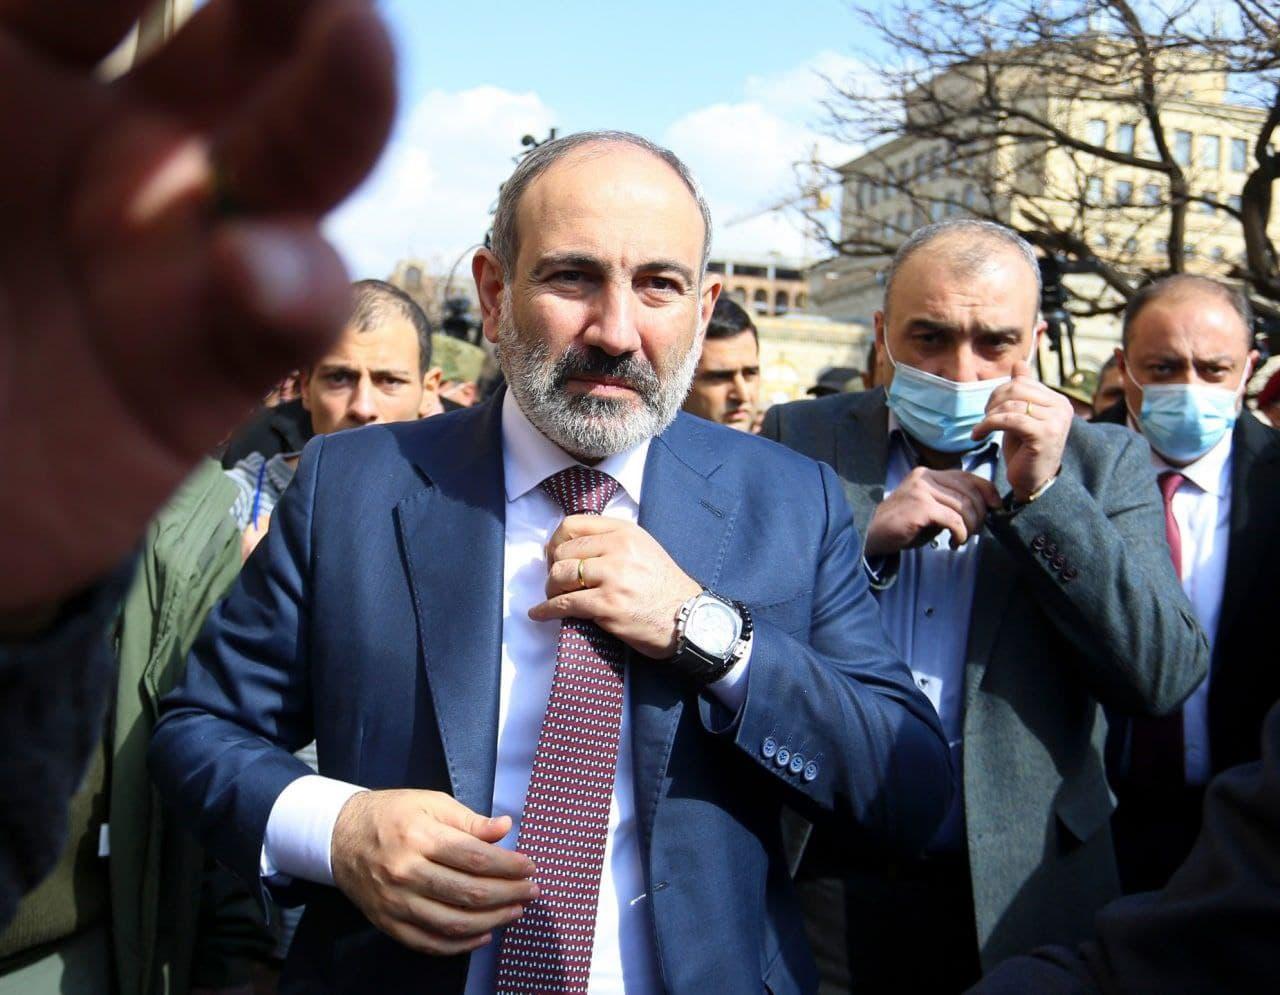 «پاشینیان» برای برگزاری انتخابات پیش از موعد ارمنستان استعفا داد